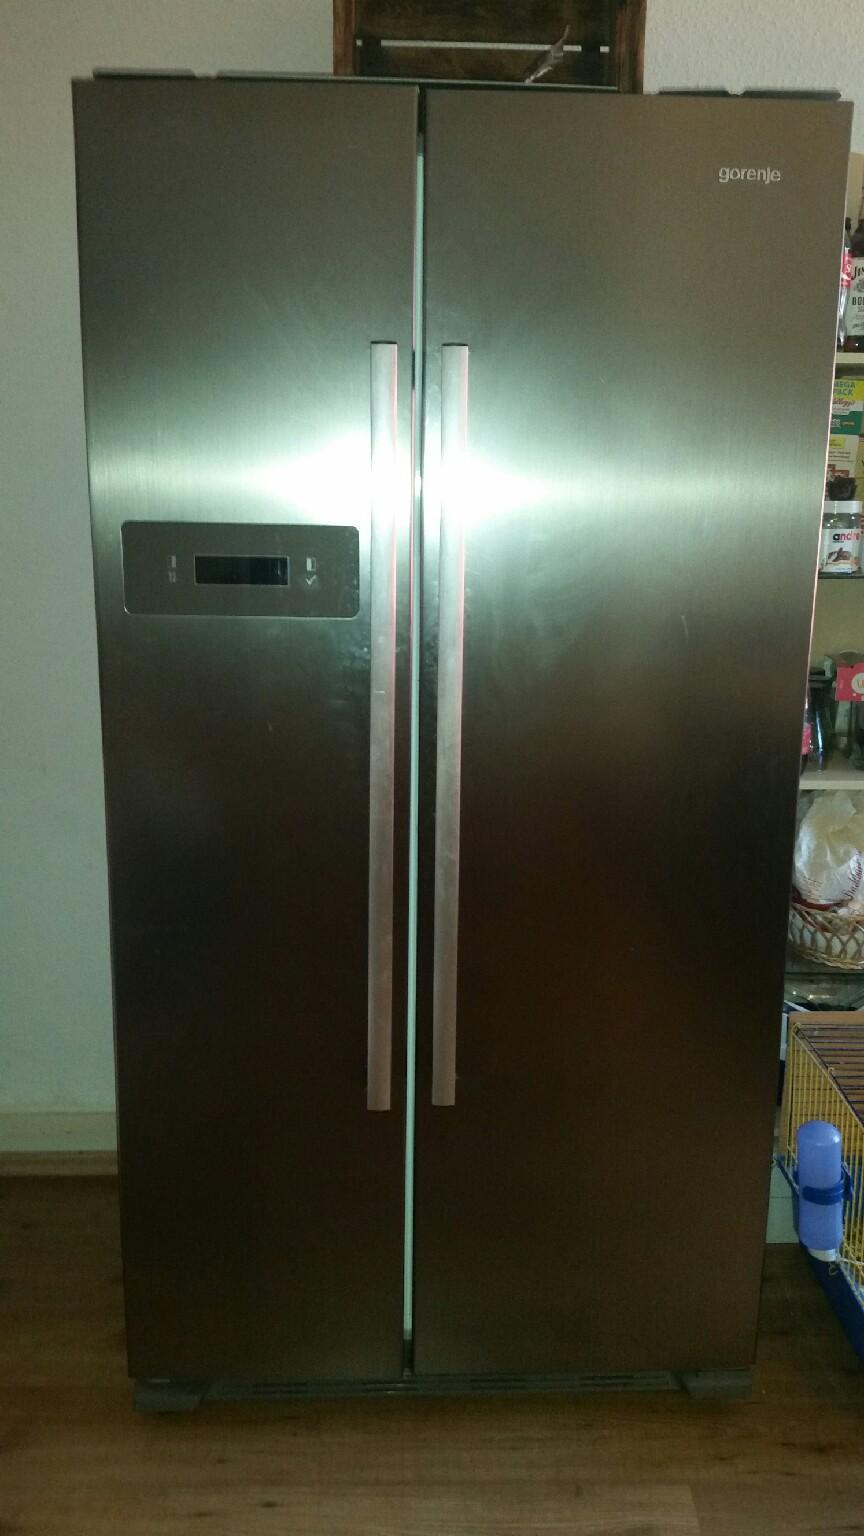 Gorenje Kühlschrank Licht Defekt : Gebraucht gorenje side by side kühlschrank defekt in